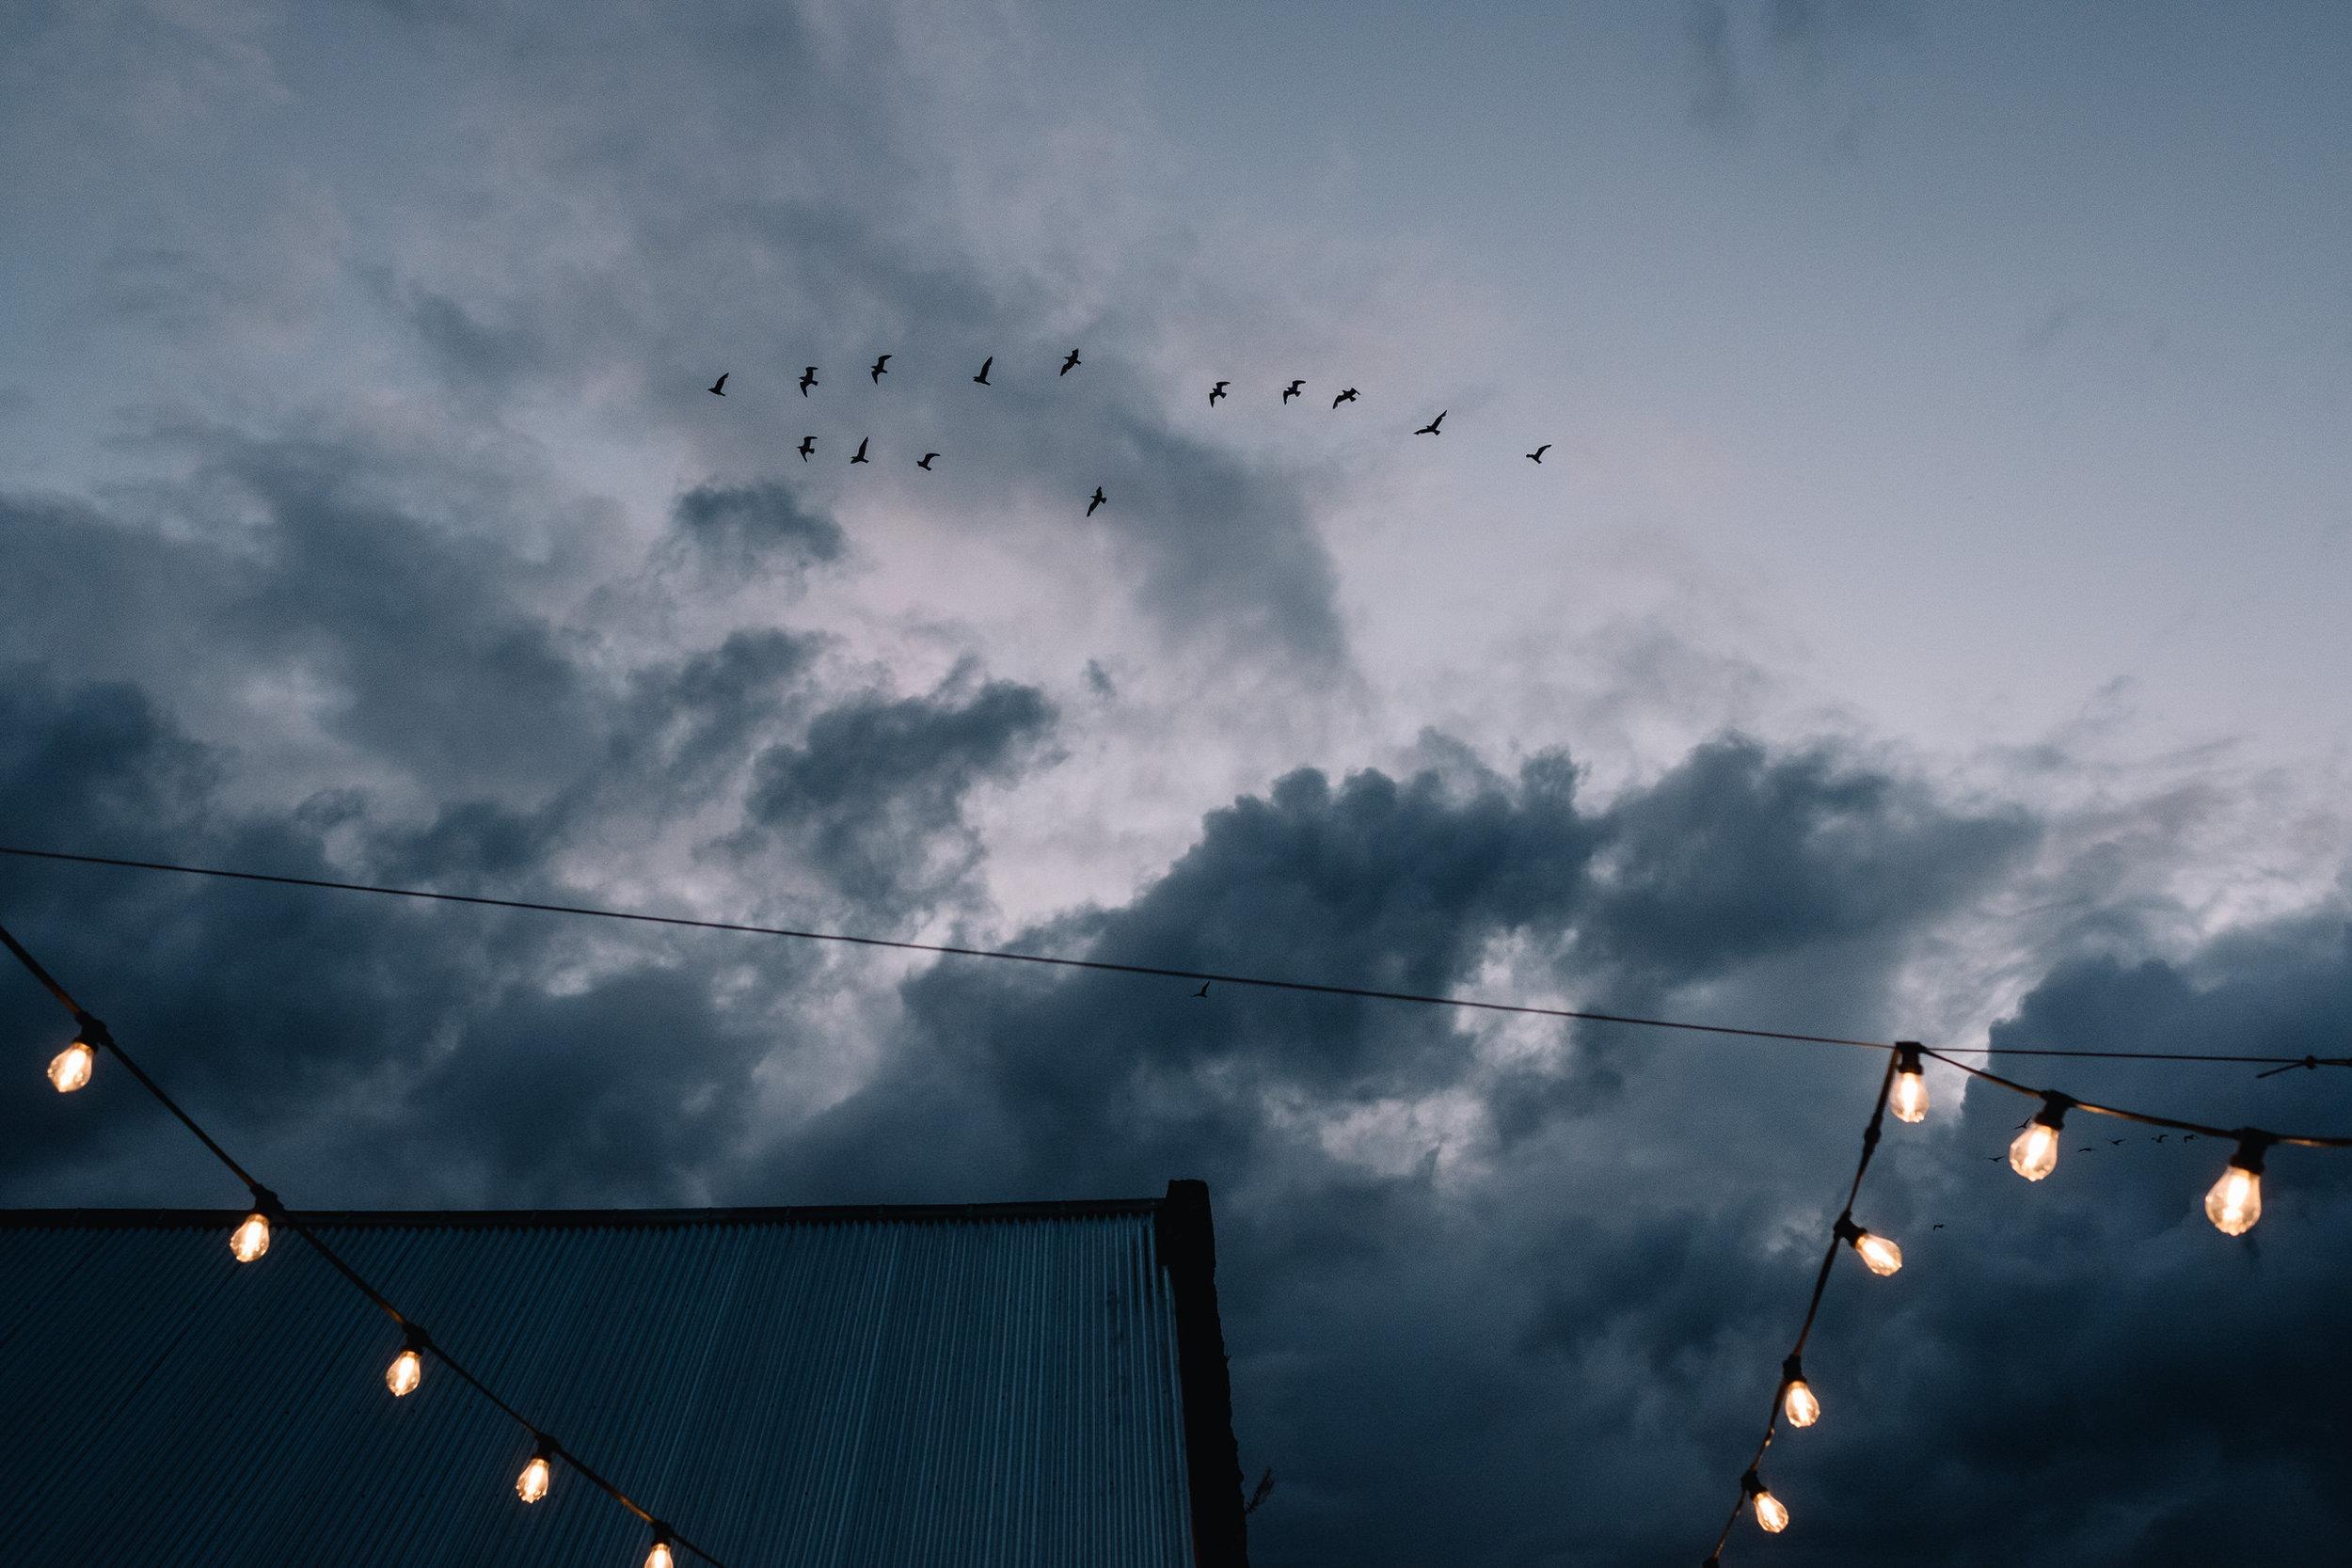 Birds + festoon lighting